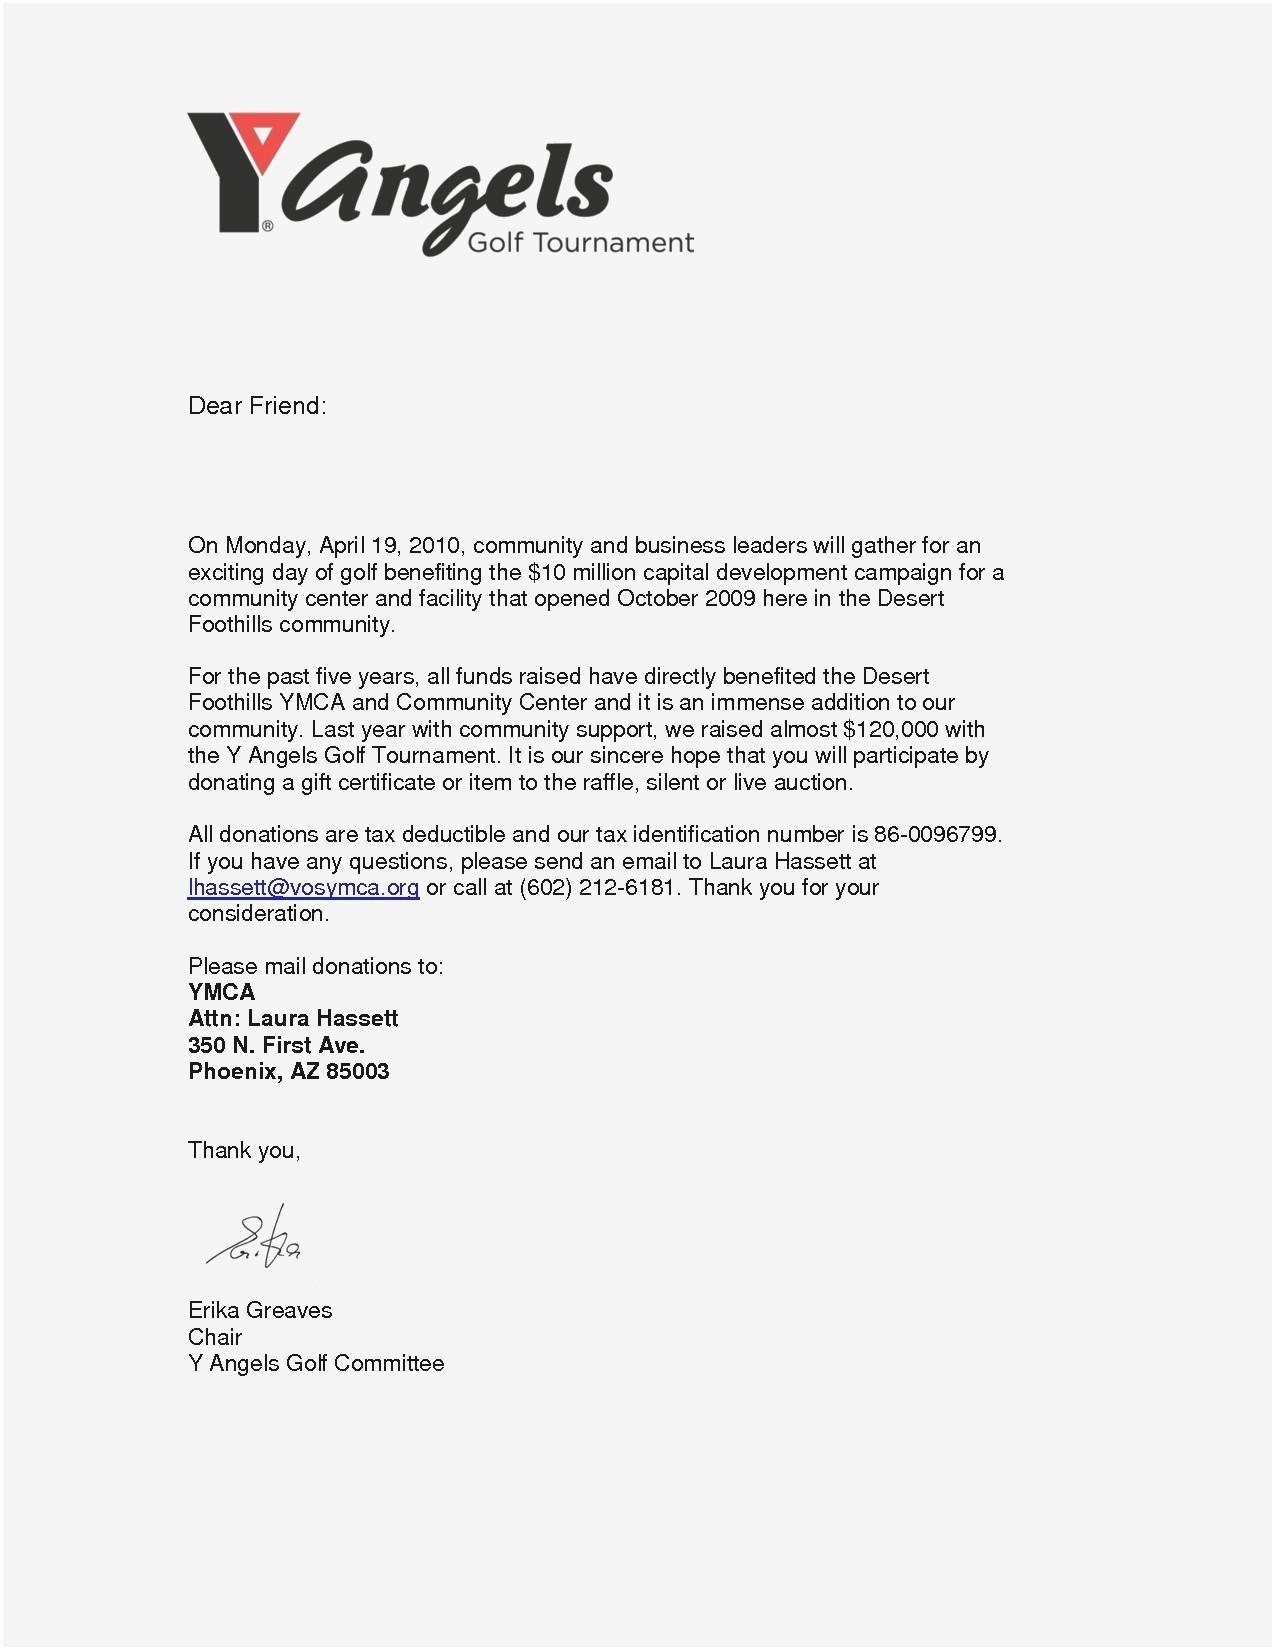 Silent Auction Donation Letter Template - Business Donation Letter Template Save Donation Request Letter